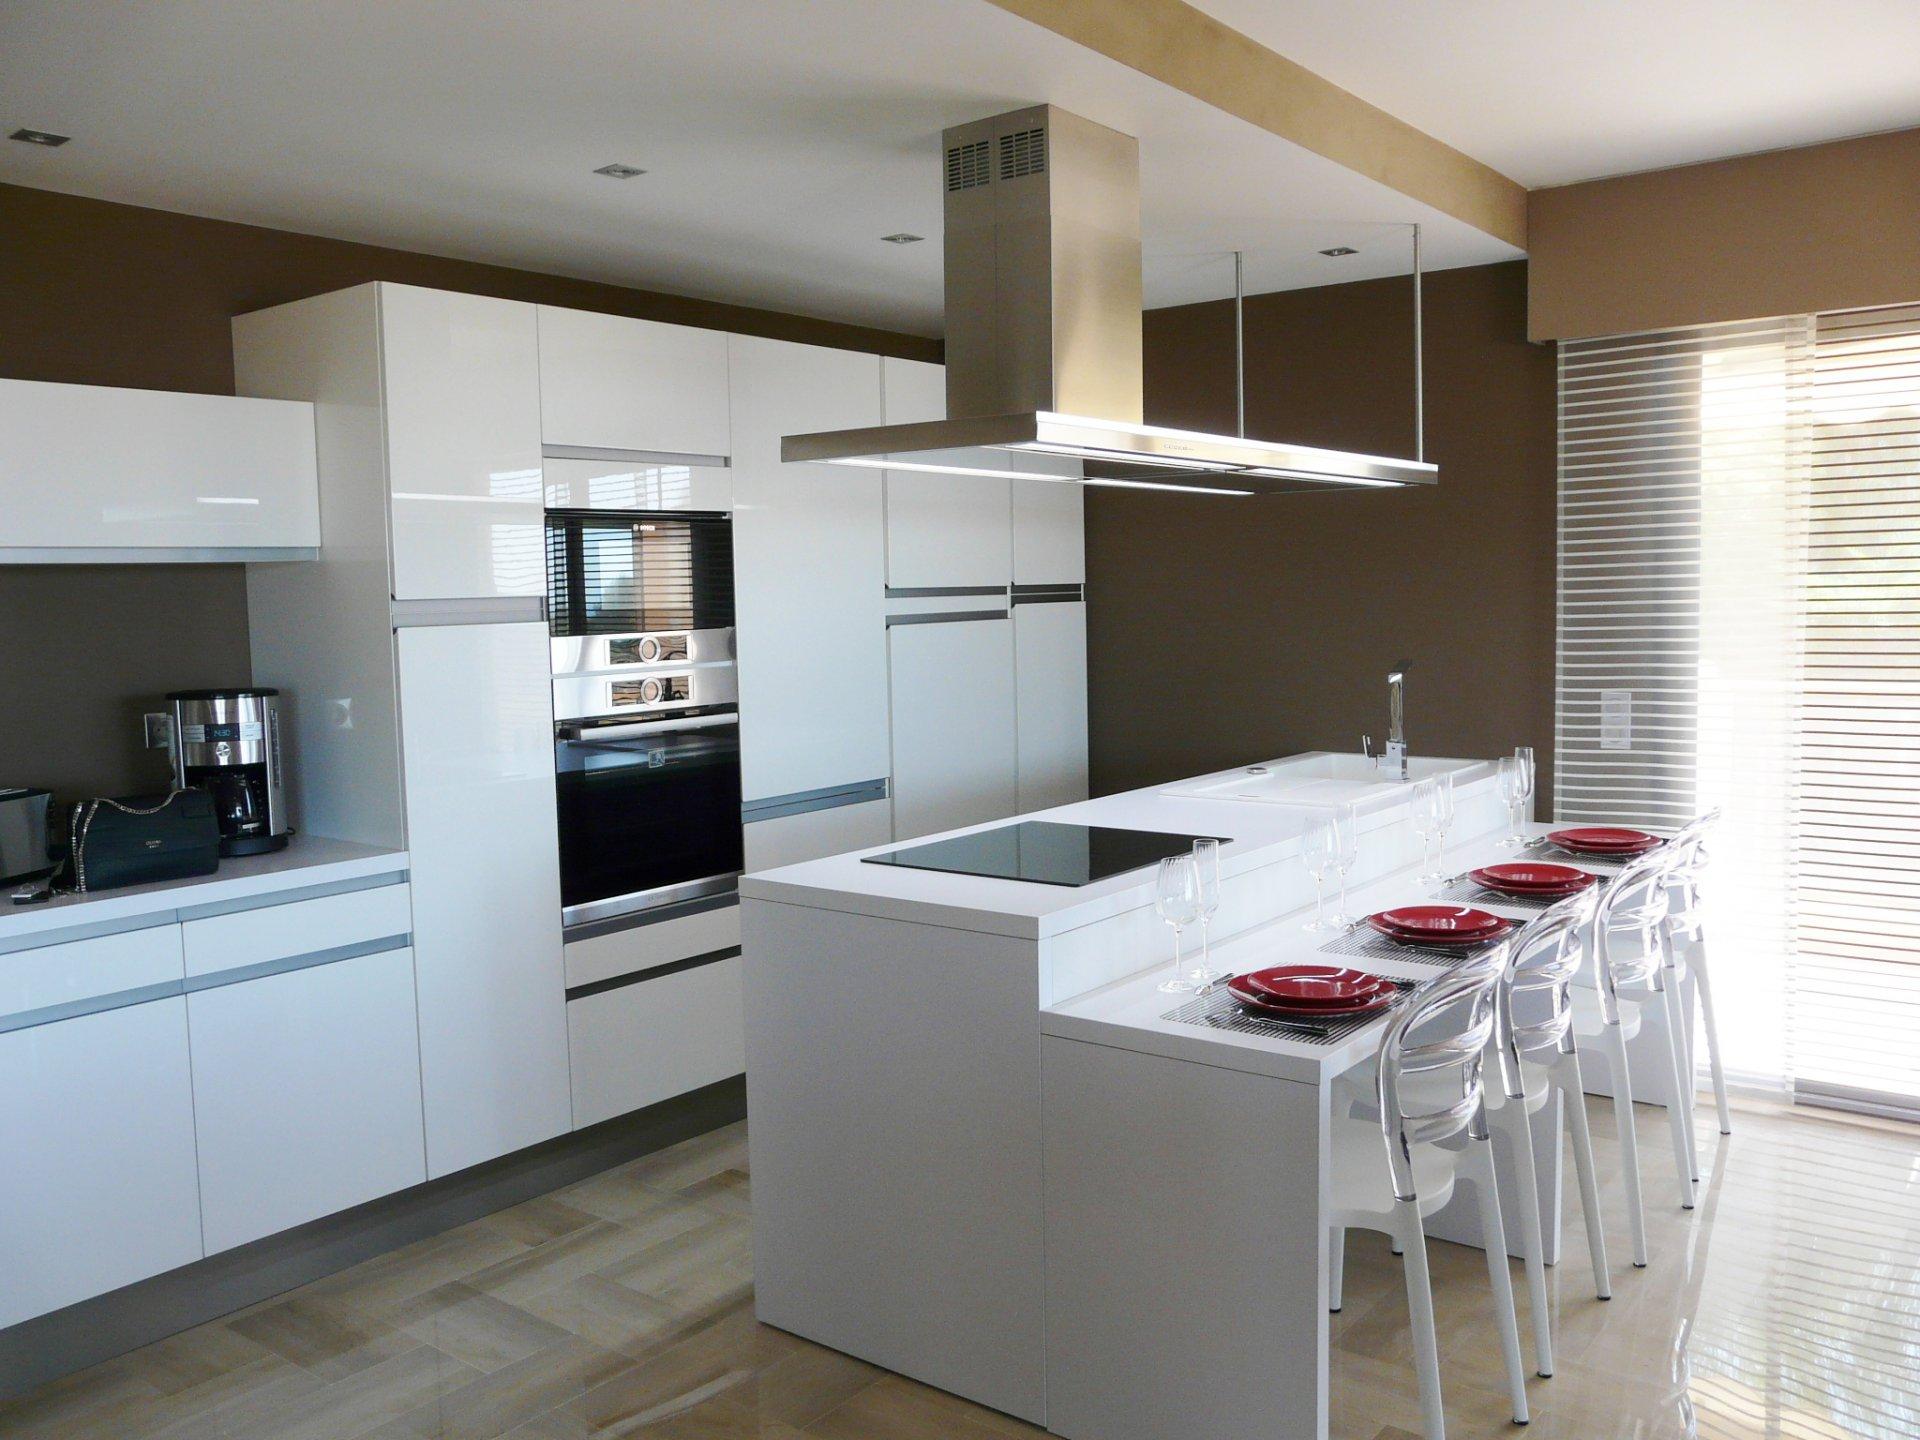 Stainless steel, natural light, kitchen island, kitchen bar